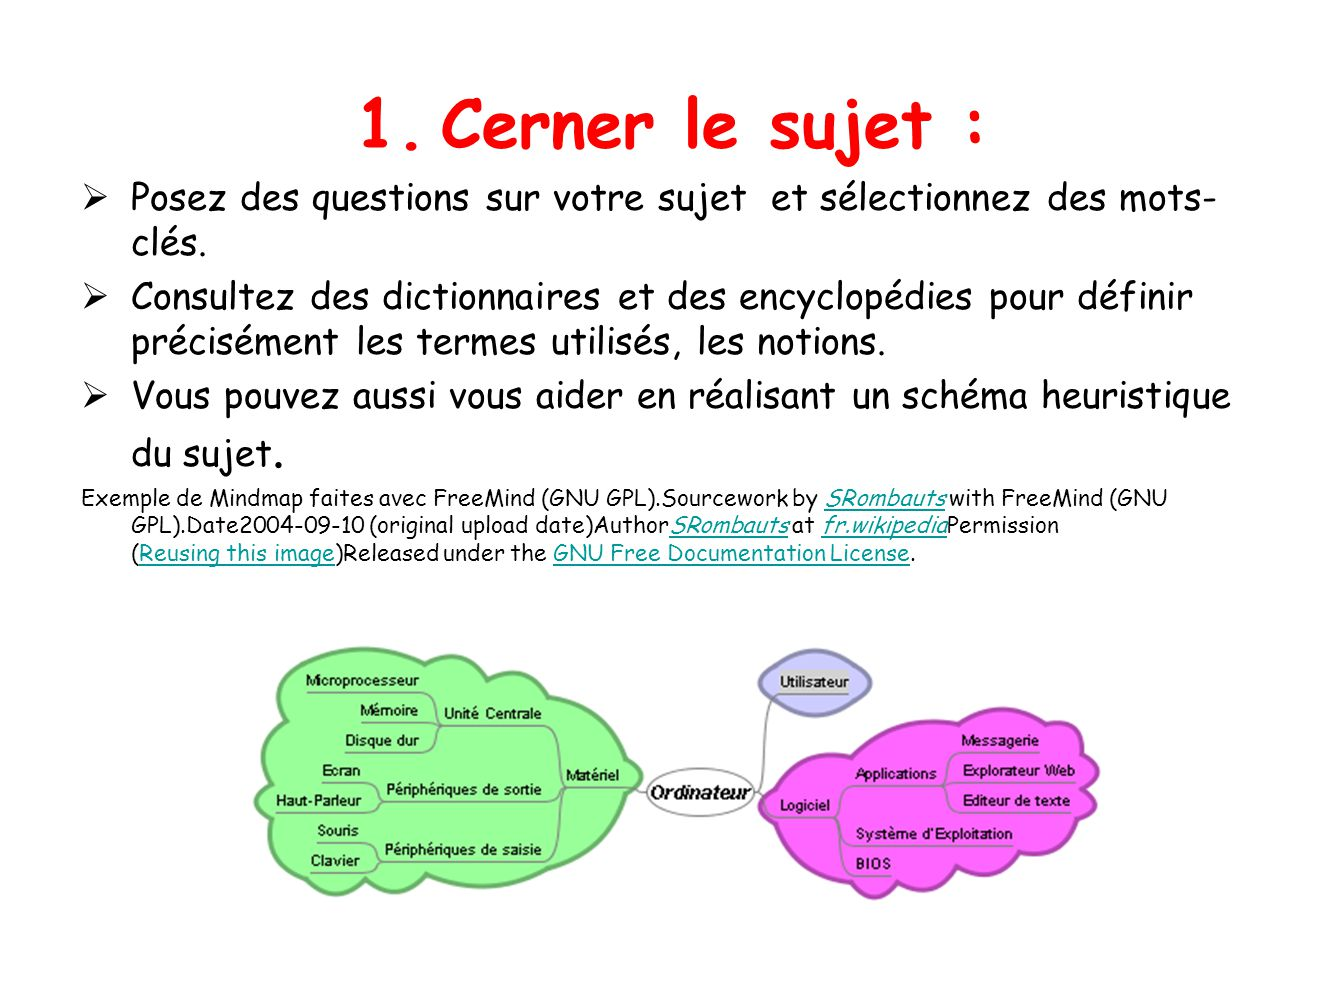 1. Cerner le sujet : Posez des questions sur votre sujet et sélectionnez des mots-clés.